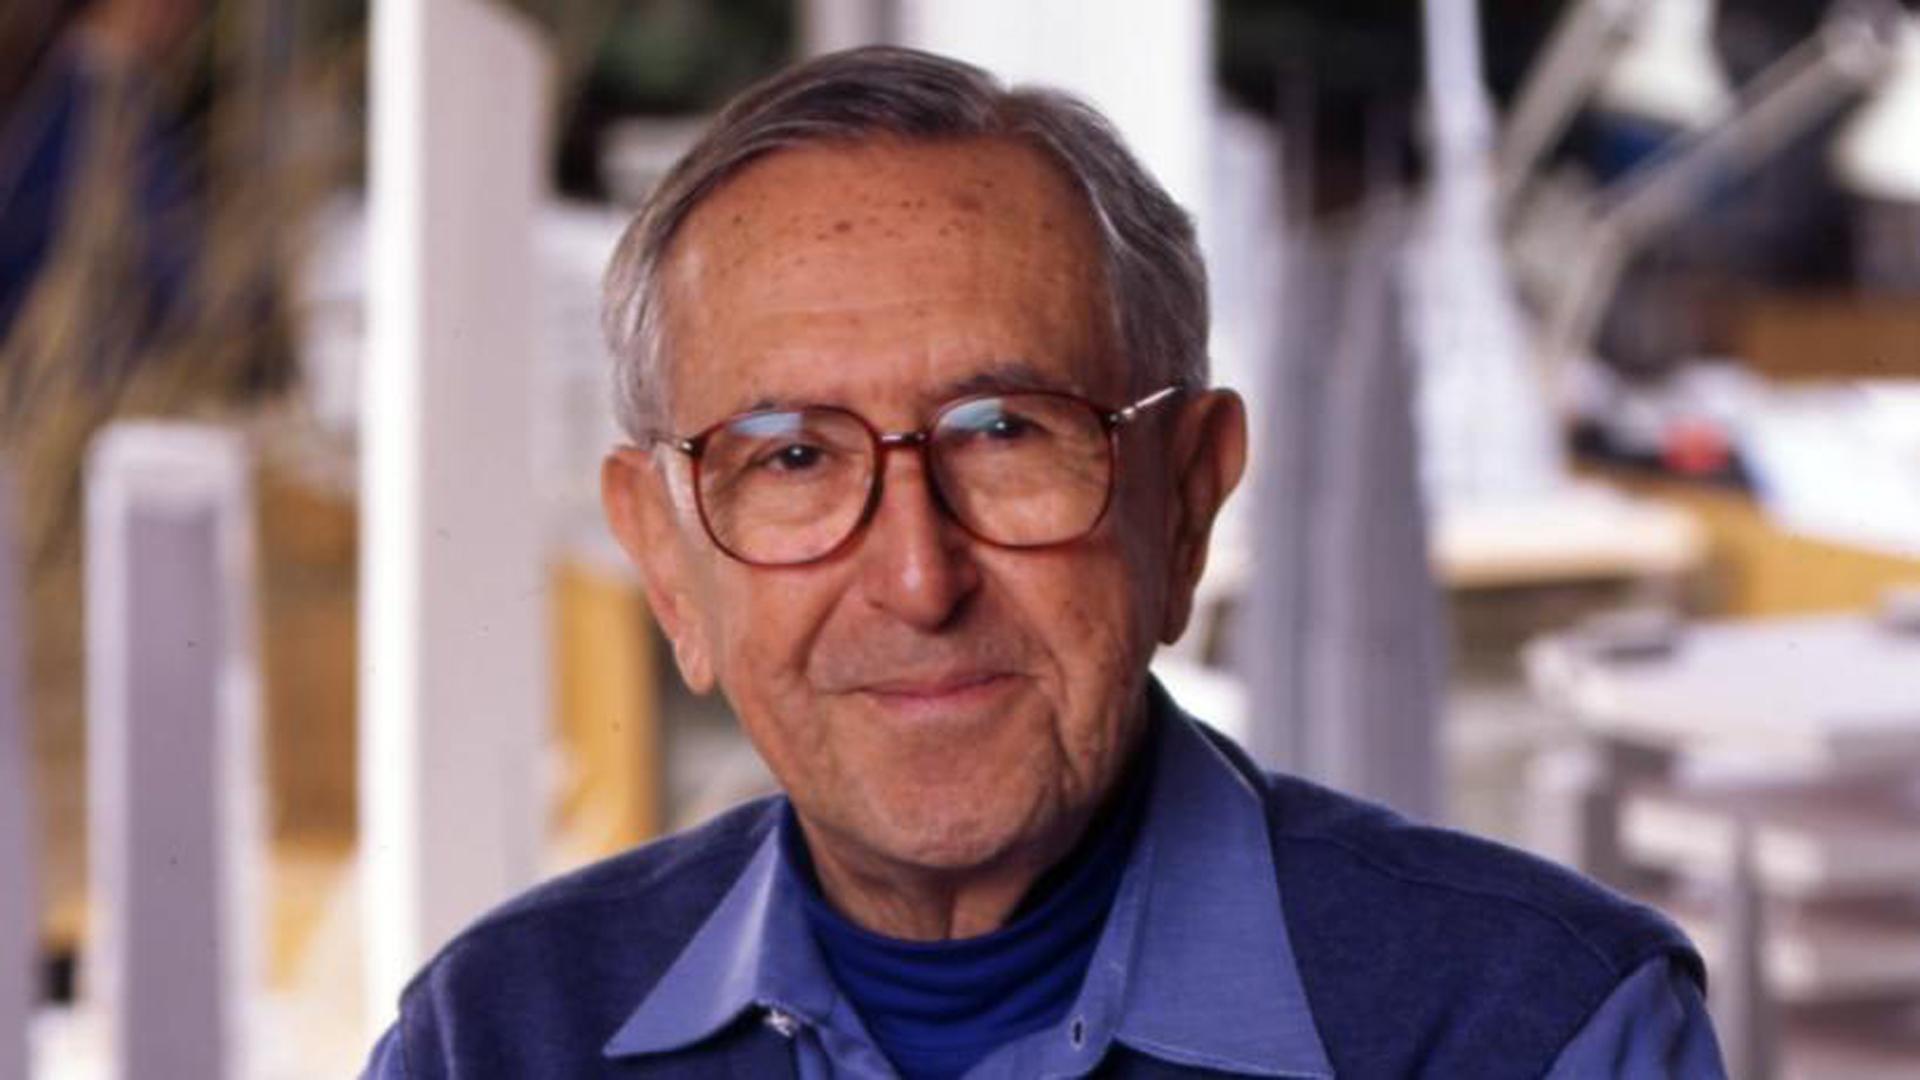 Afamado, querido , talentoso y muy tucumano. César Pelli falleció hoy a los 92 años enConnecticut, Estados Unidos, donde residía y estaba la sede de su estudio Pelli Clarke Pelli,